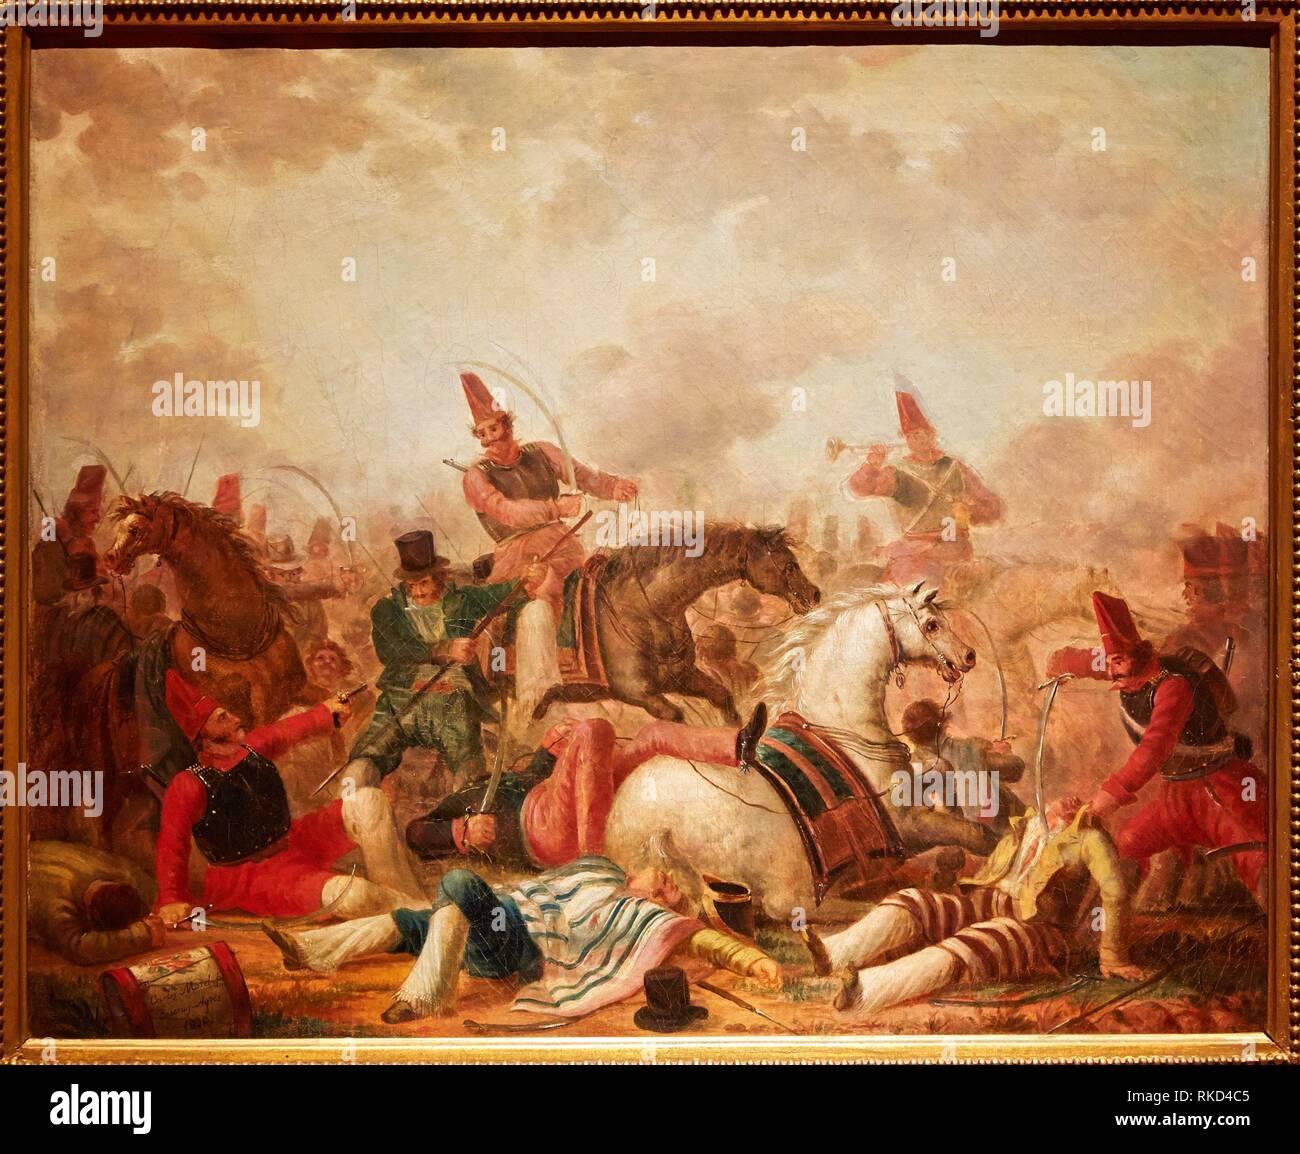 '''Combate de Caballería'', Carlos Morel. Museo Nacional de Bellas Artes. National museum of Fine Arts. Recoleta. Buenos Aires. Argentina - Stock Image